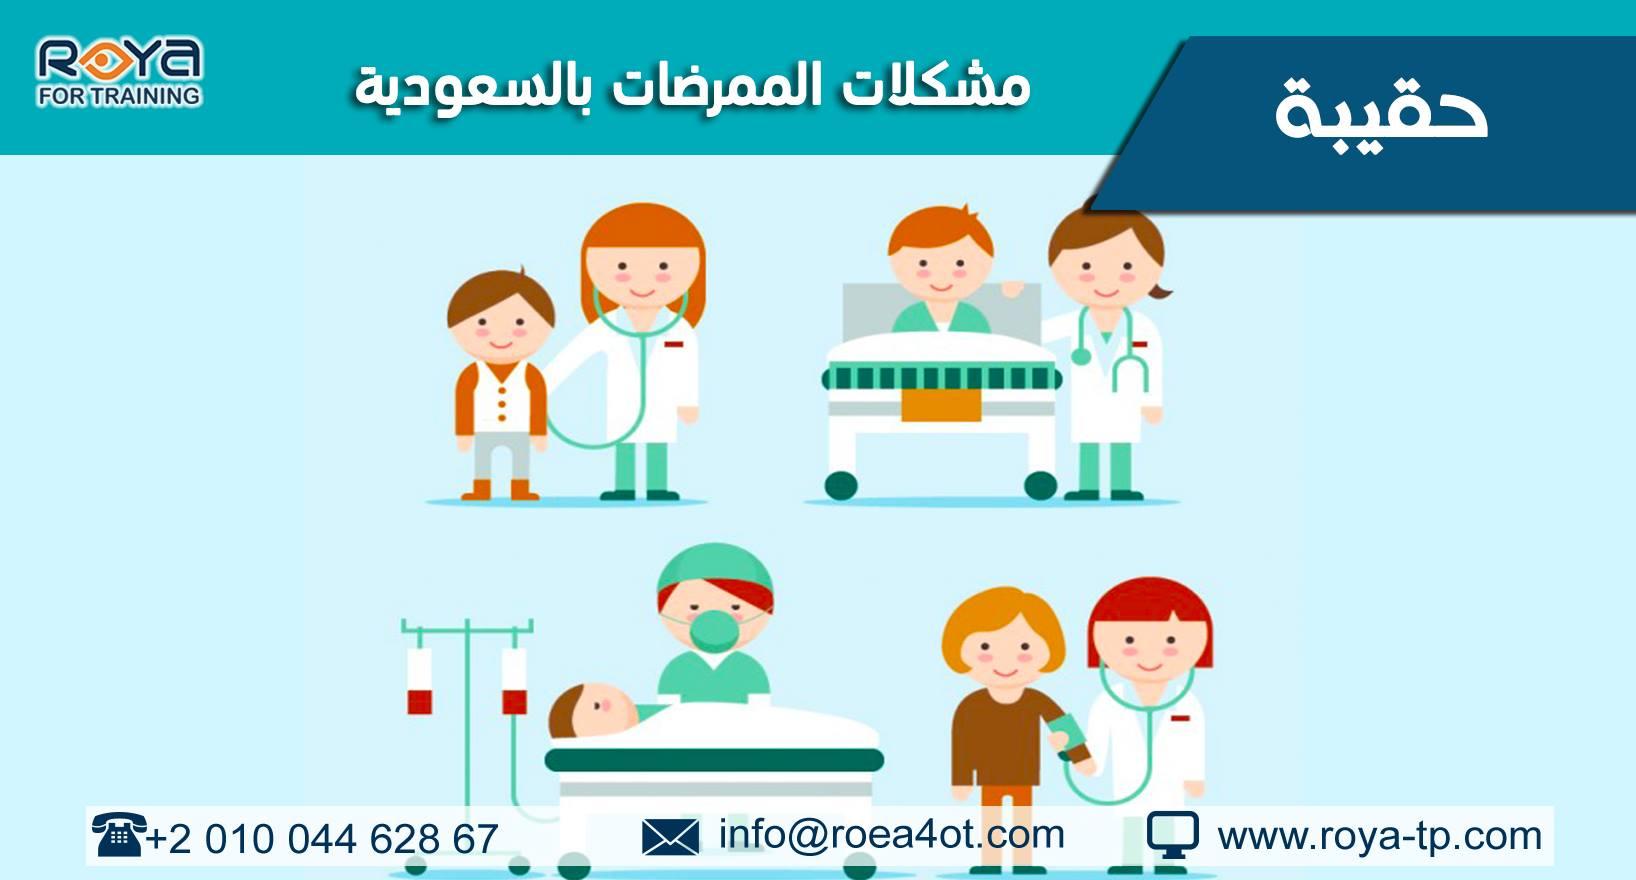 حقيبة تدريبية مشكلات الممرضات بالسعودية